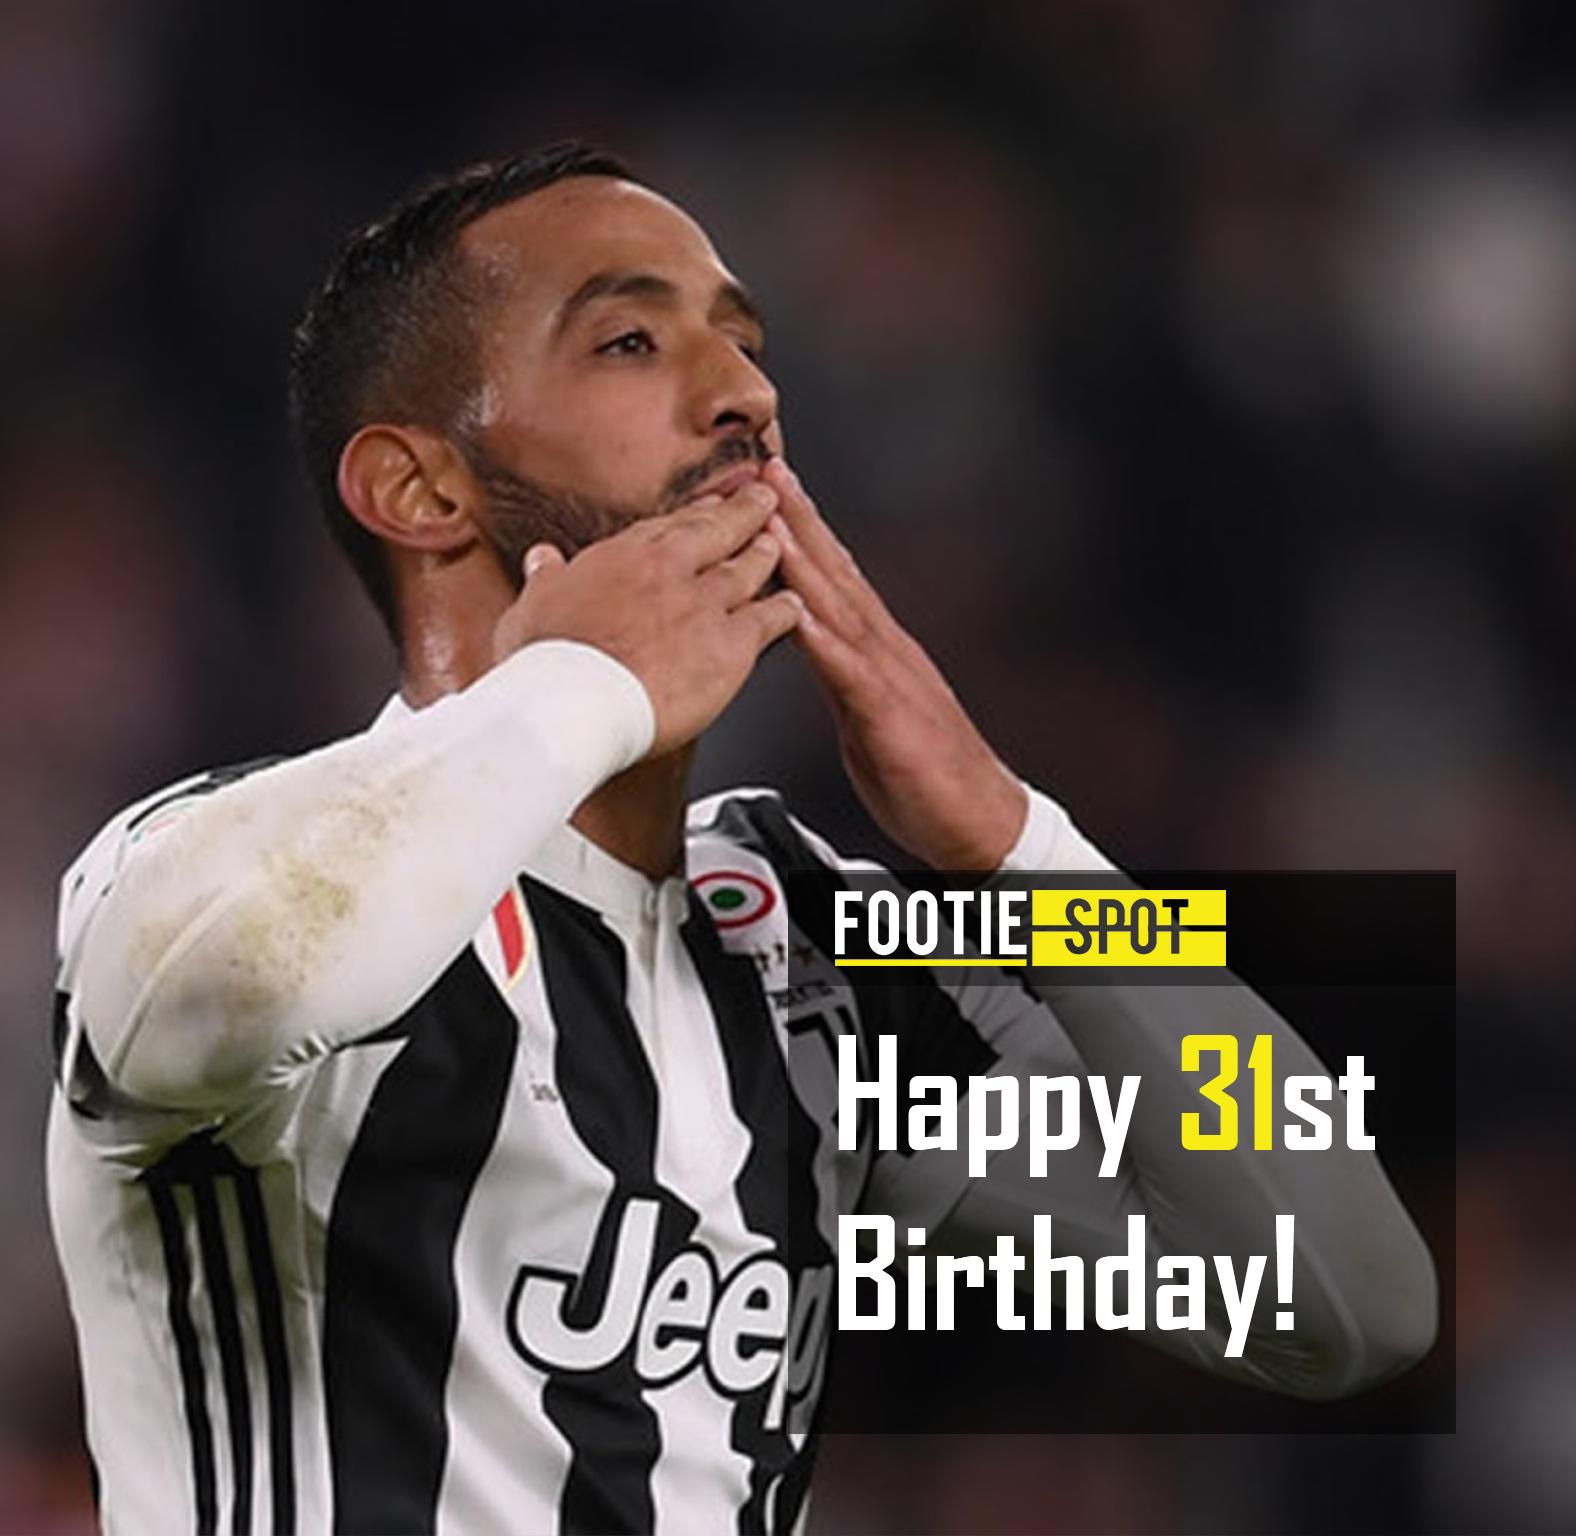 Happy 31st birthday to Medhi Benatia! 🎂 football